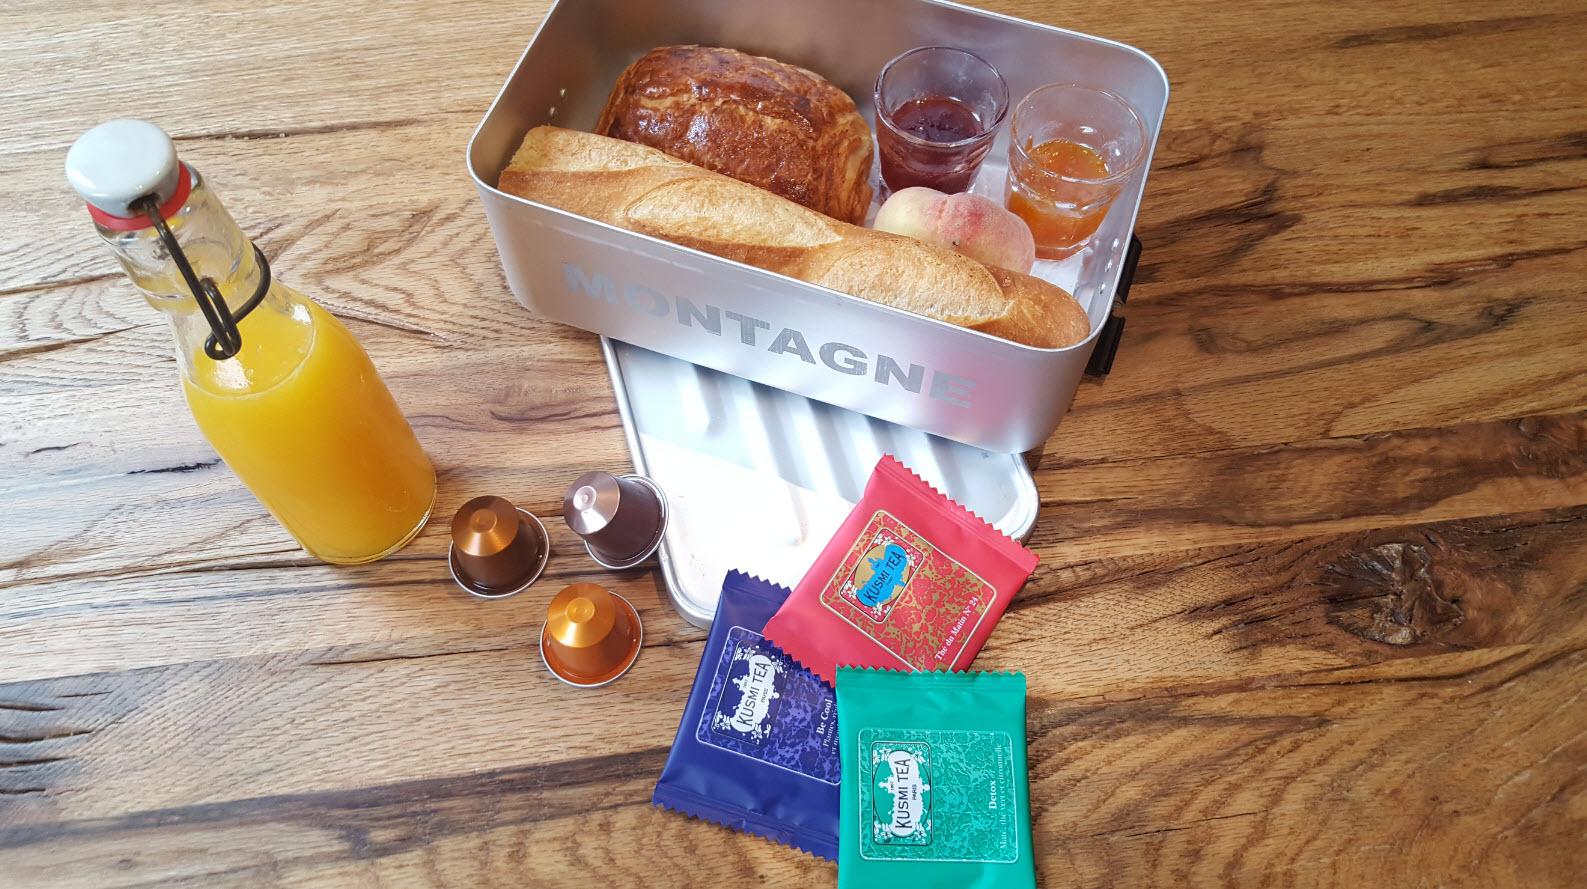 Petit dejeuner presente dans une boite